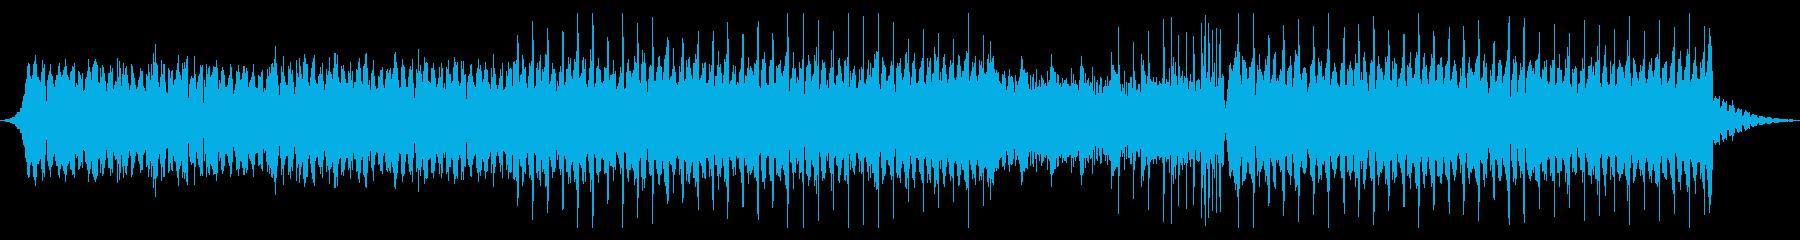 企業VP、CM03。ピアノ、シンセ、宇宙の再生済みの波形